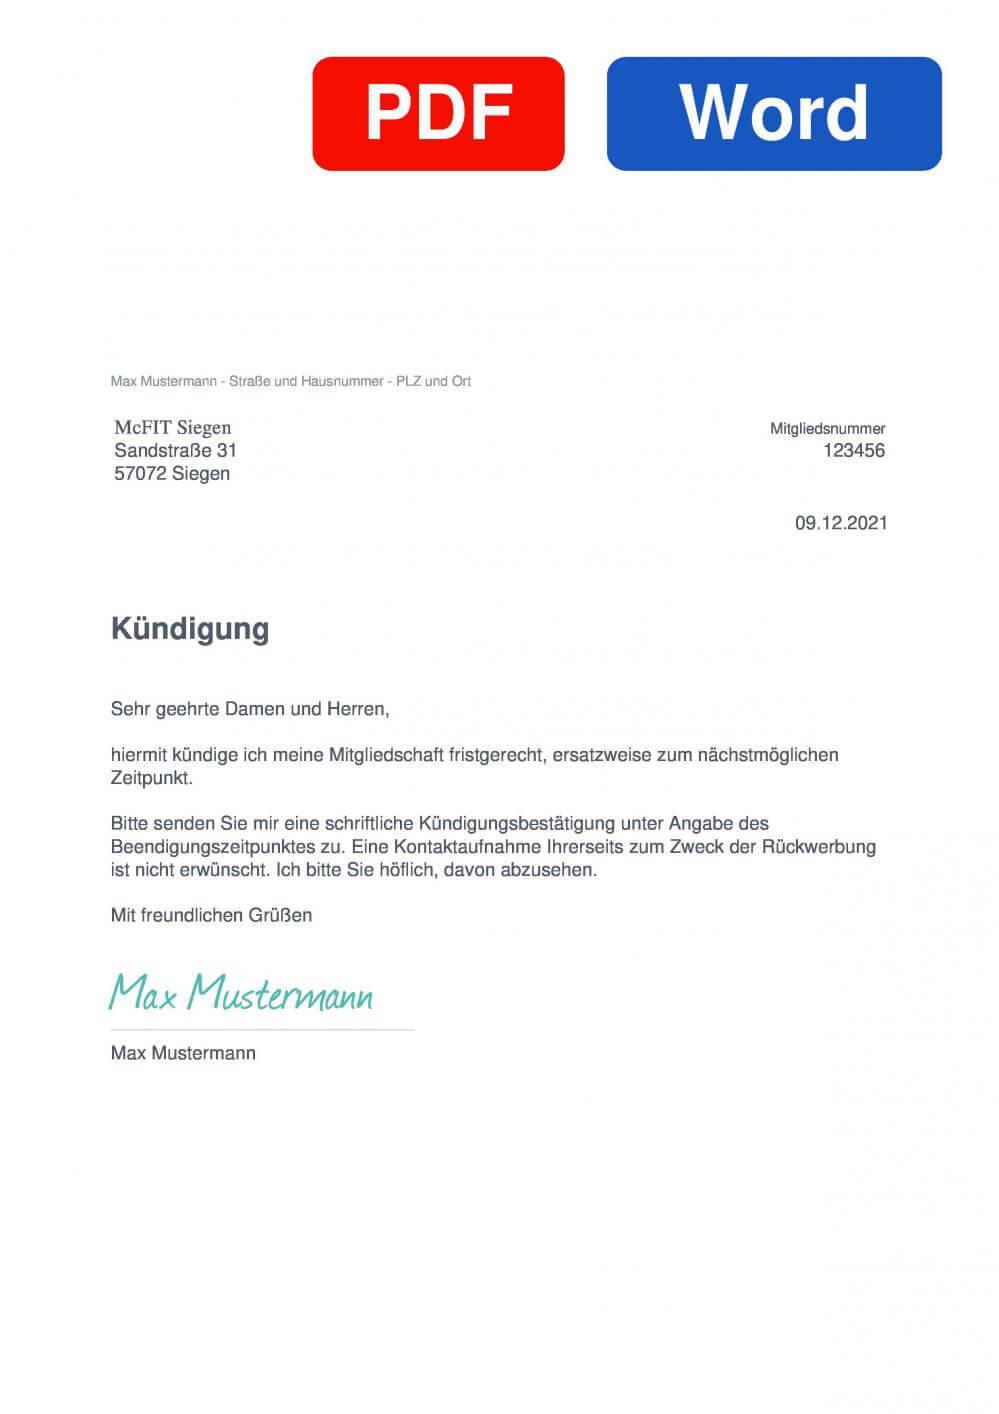 McFIT Siegen Muster Vorlage für Kündigungsschreiben